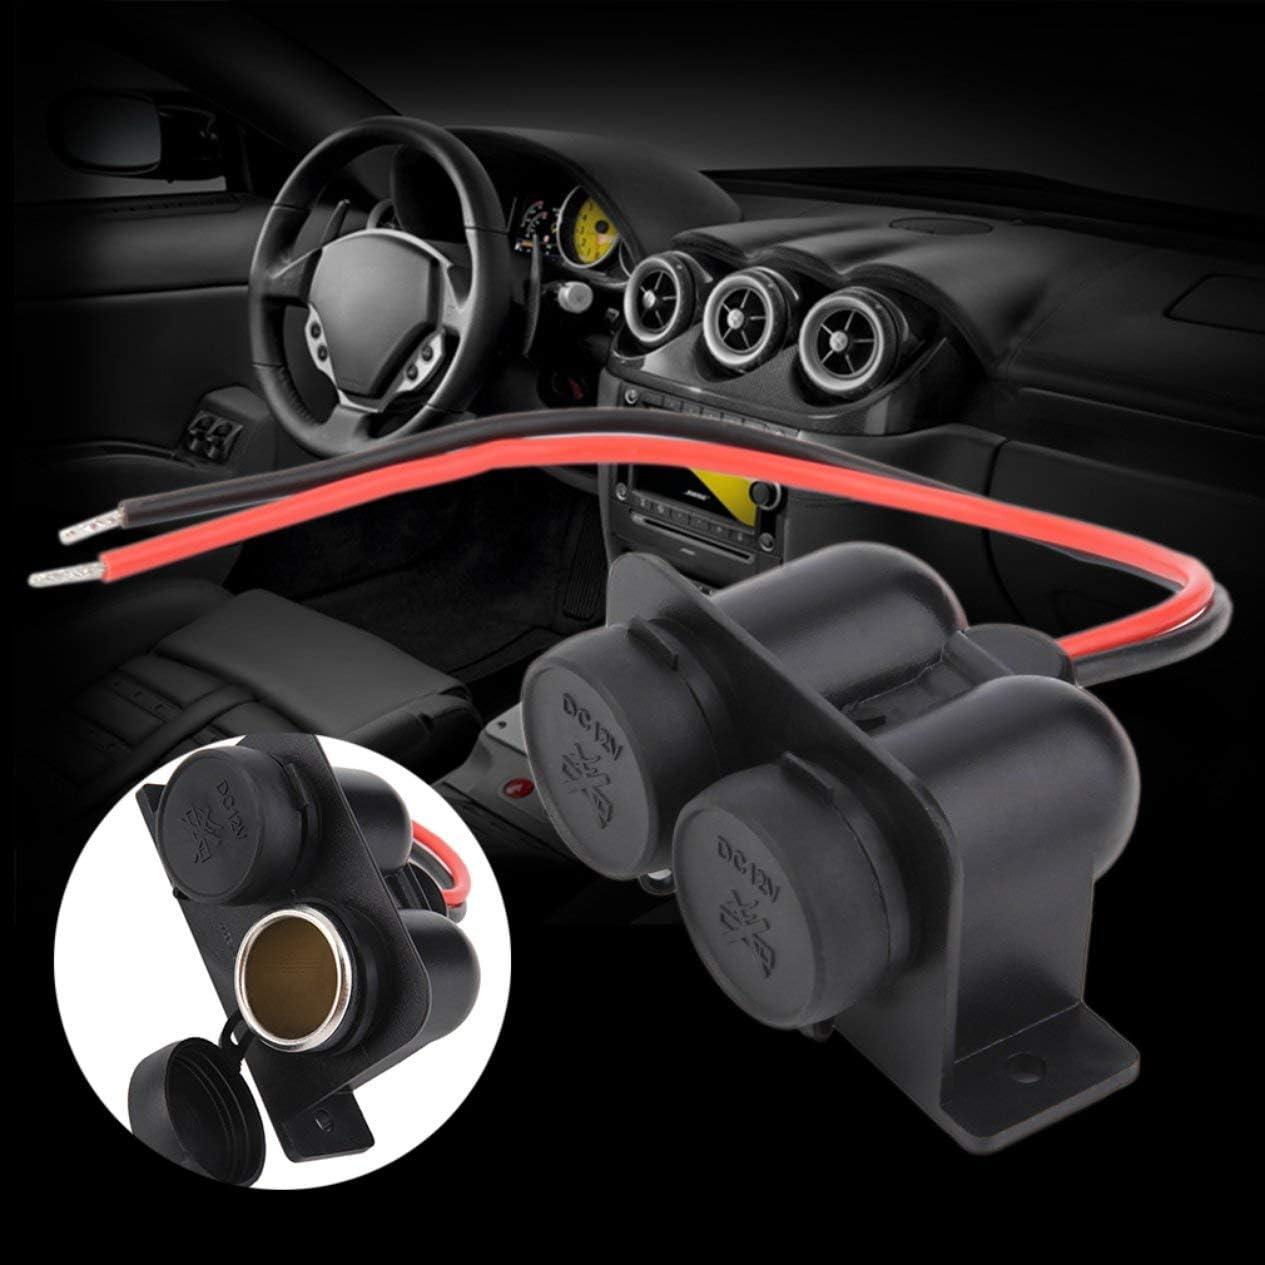 noir) Double ports /étanche moto voiture allume-cigare prise de courant 12V v/éhicules chargeur accessoire automatique BCVBFGCXVB